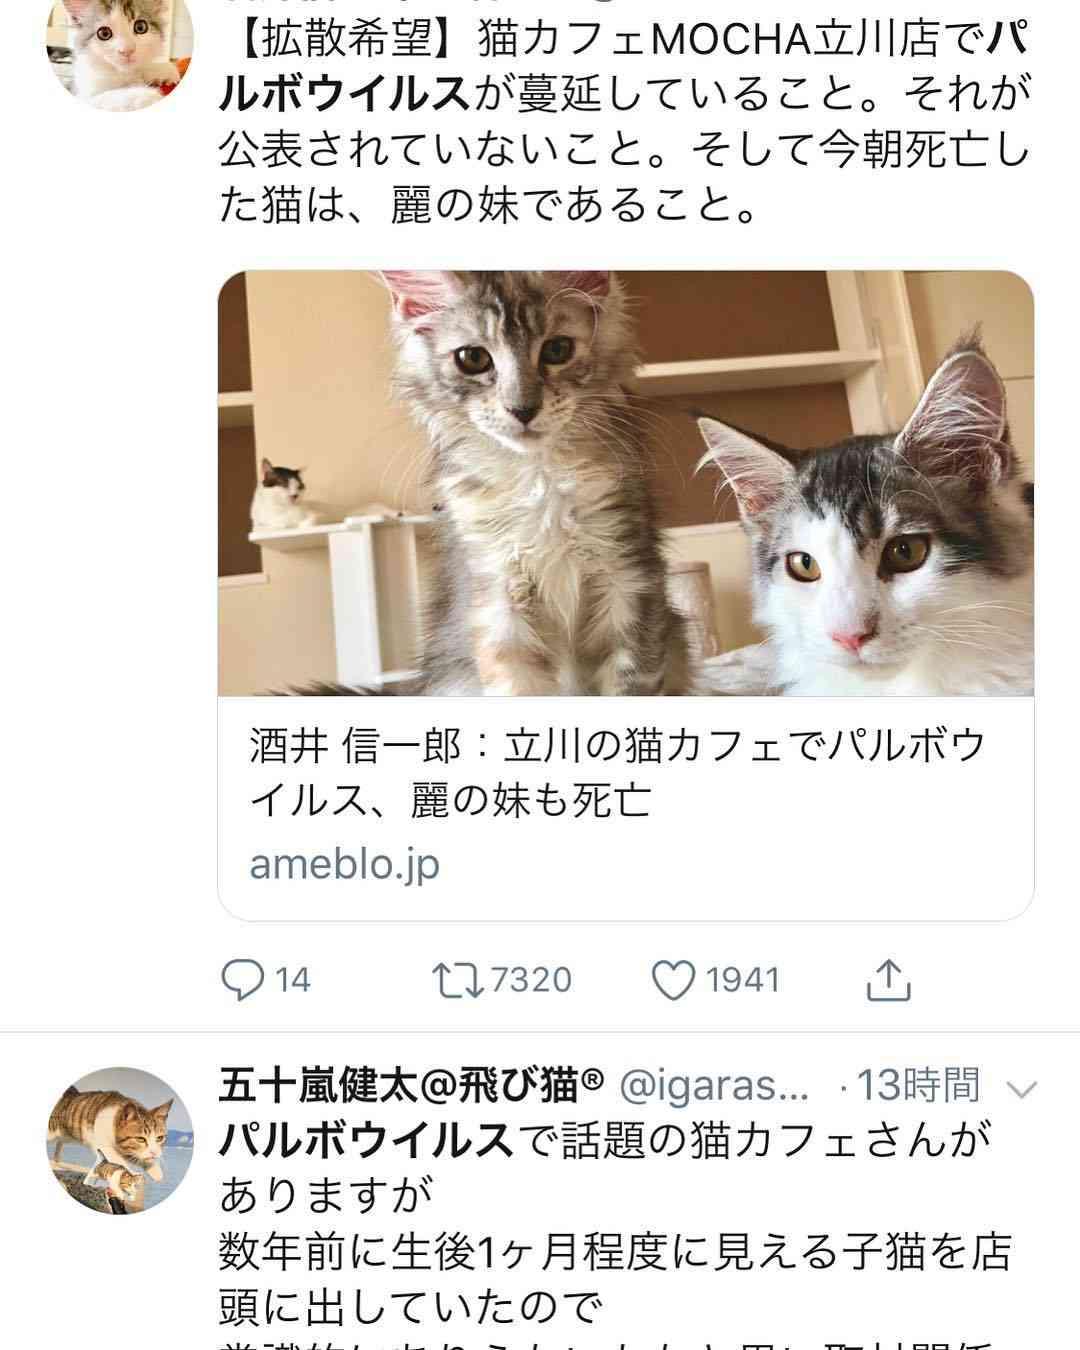 """でめるねこ on Instagram: """"都内の猫カフェでパルボウイルスが蔓延して猫たちが次々と死んでいるニュース!それが猫カフェmochaときいて納得してしまった! . 猫カフェmochaは全国にたくさんあって、前心斎橋店に行ったことがあるけど、酷かった。…"""""""